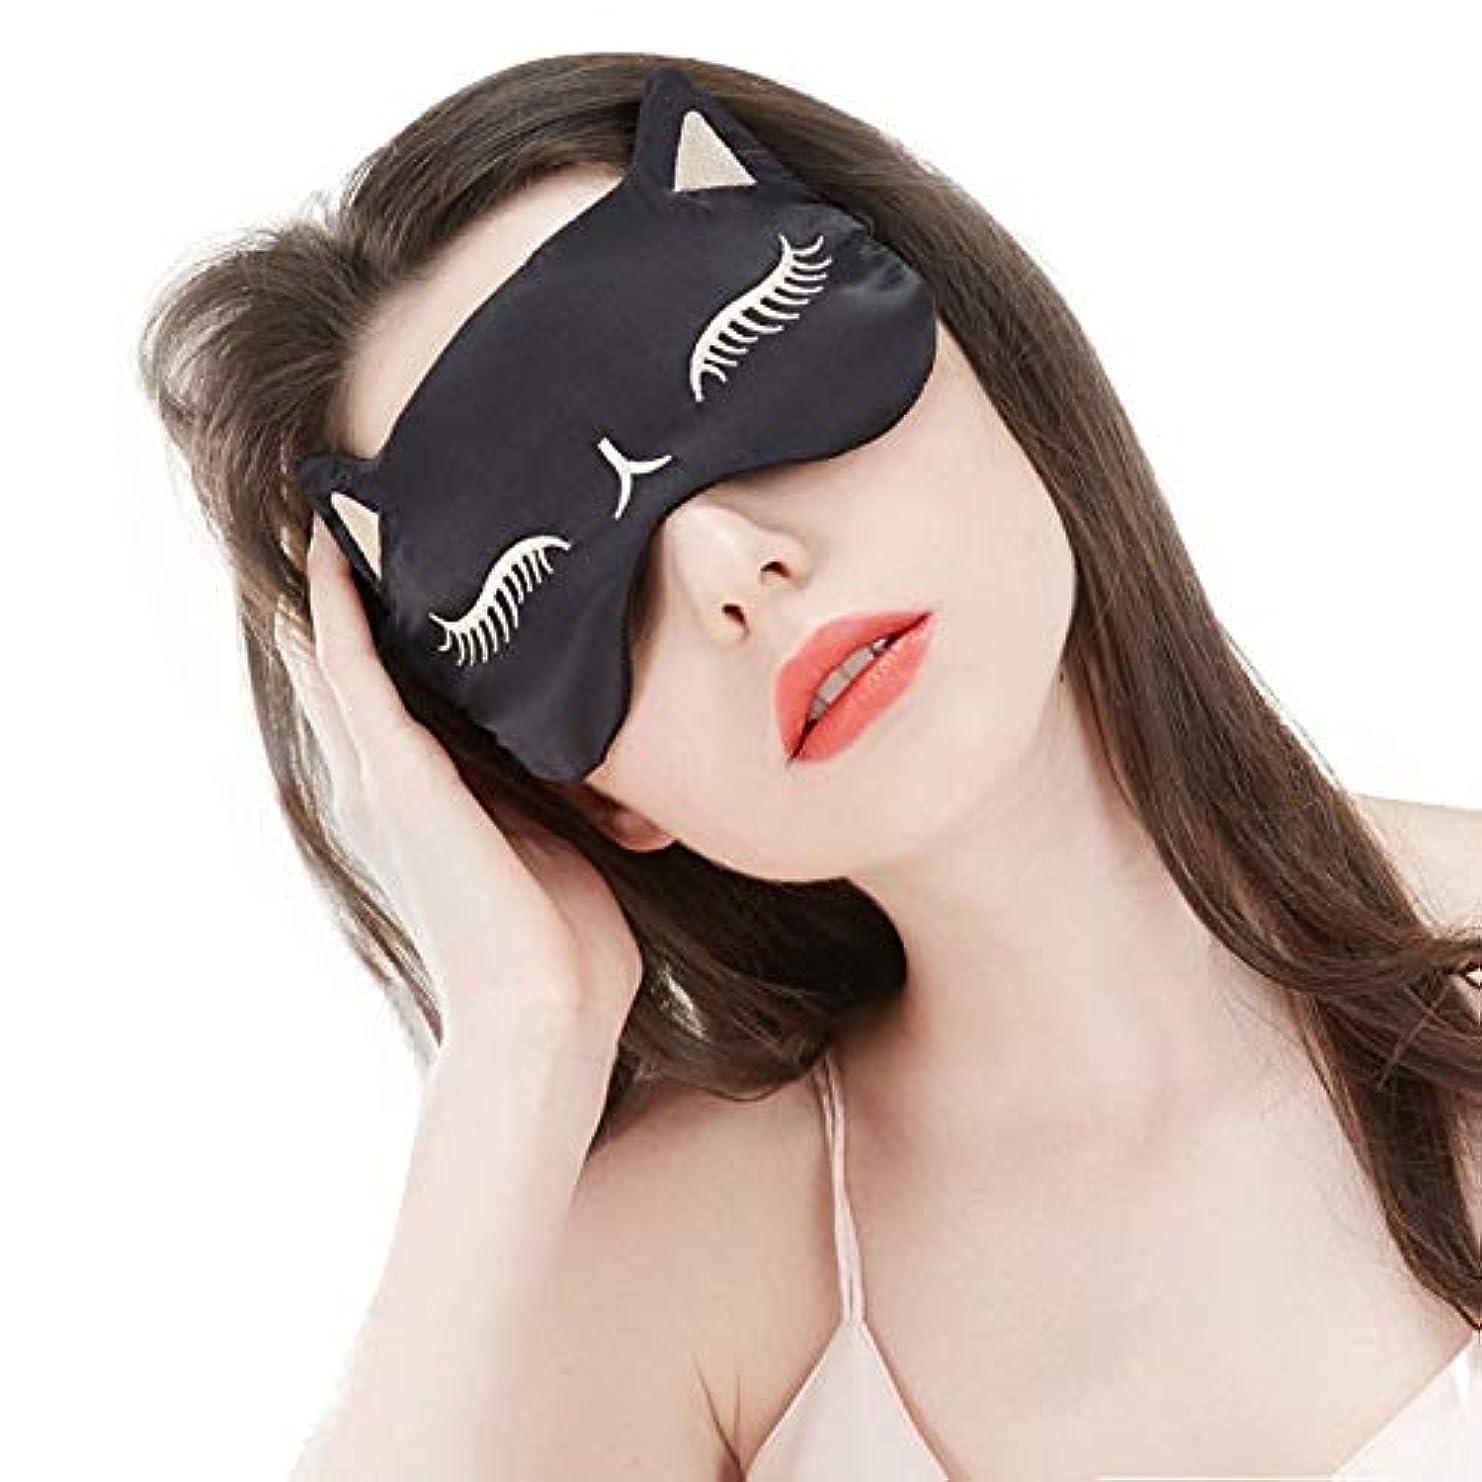 顔料ベール命令的注天然桑シルクかわいい猫睡眠アイマスク付き弾性ストラップ旅行ホームナイト睡眠アイパッチ